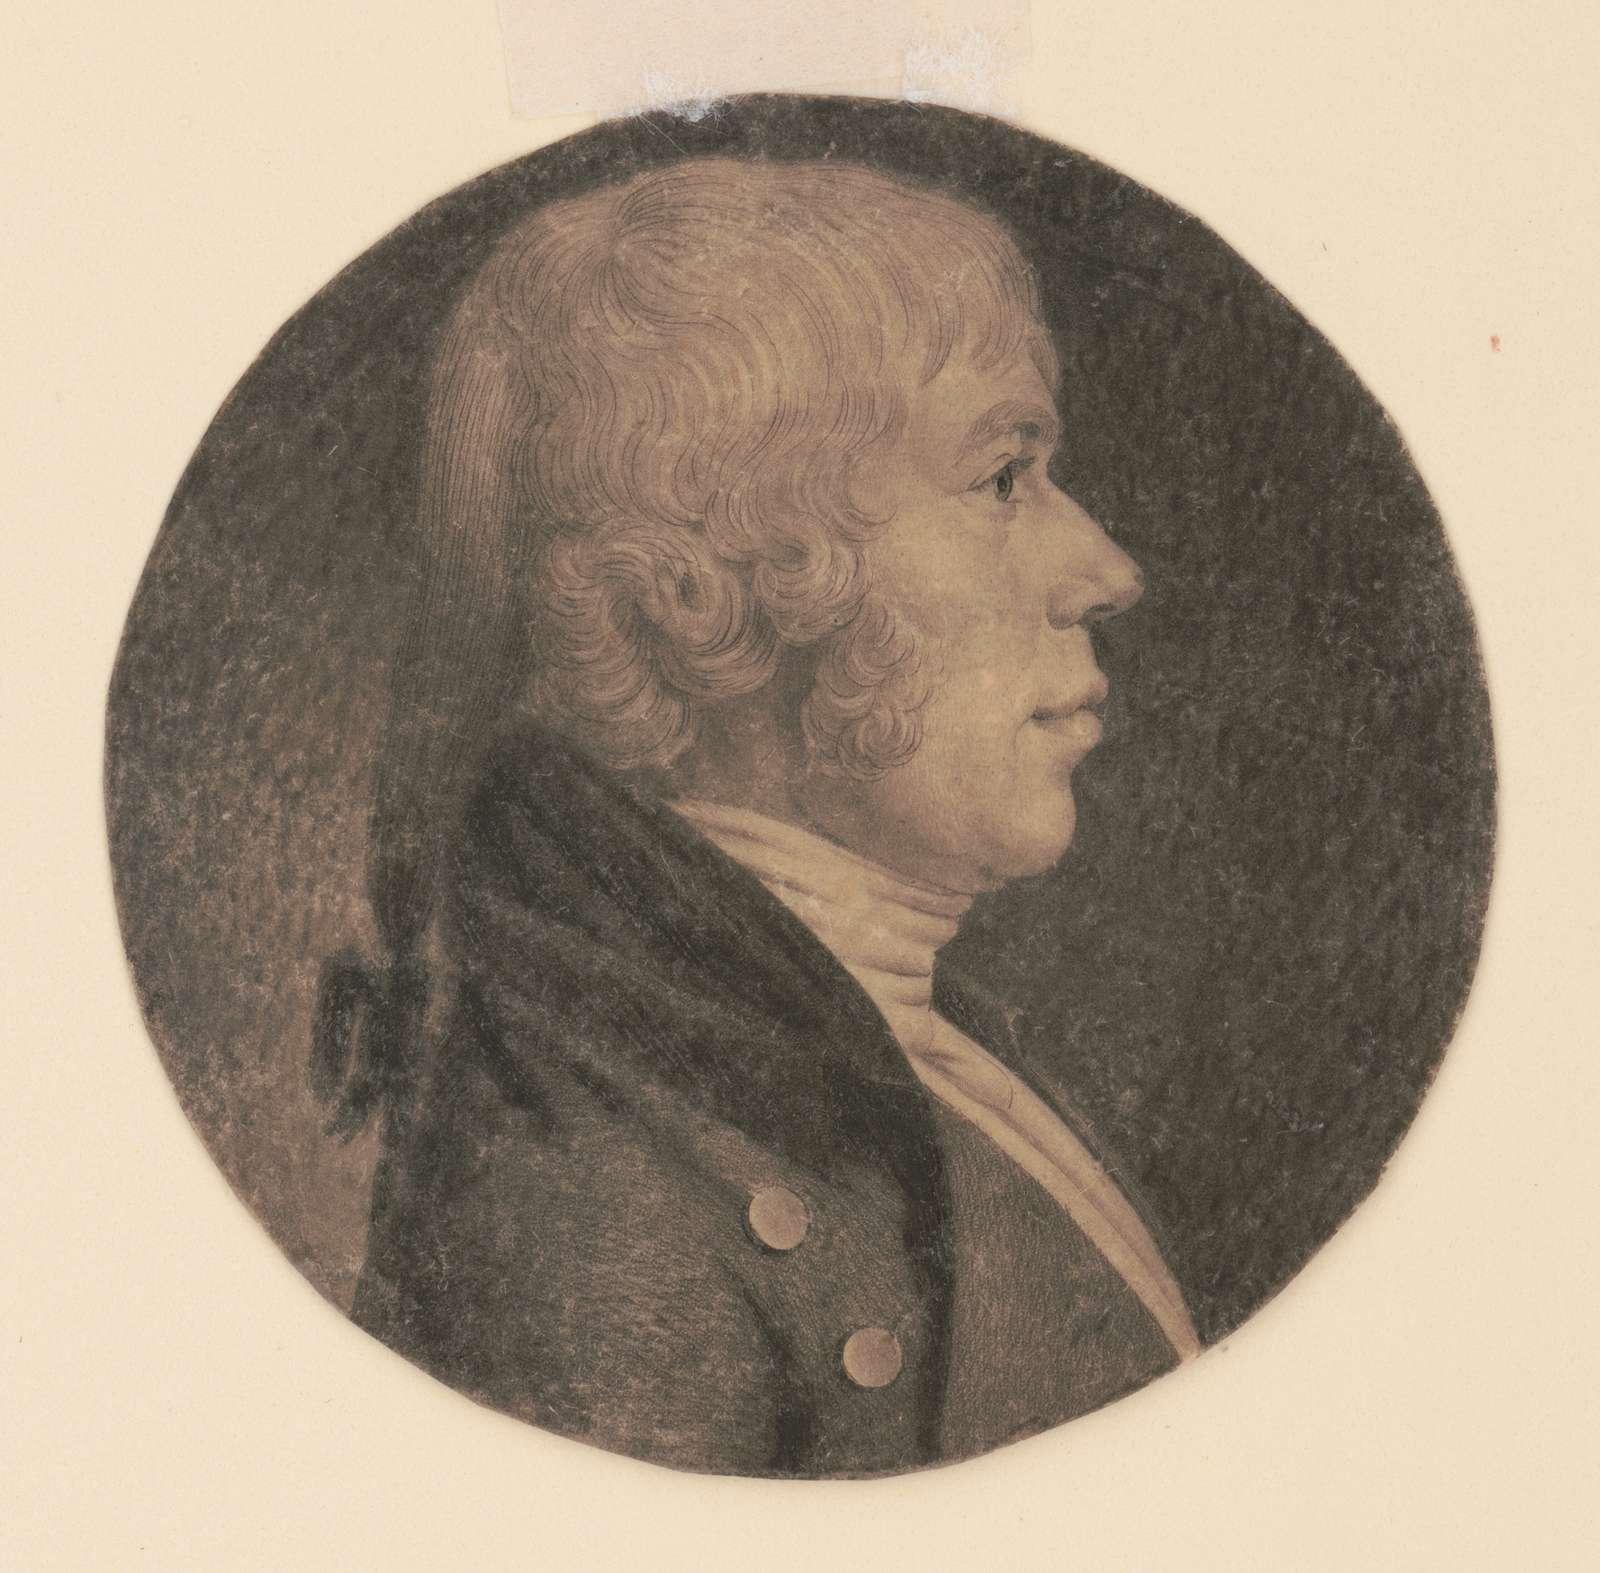 Joseph Mouchet, head-and-shoulders portrait, right profile